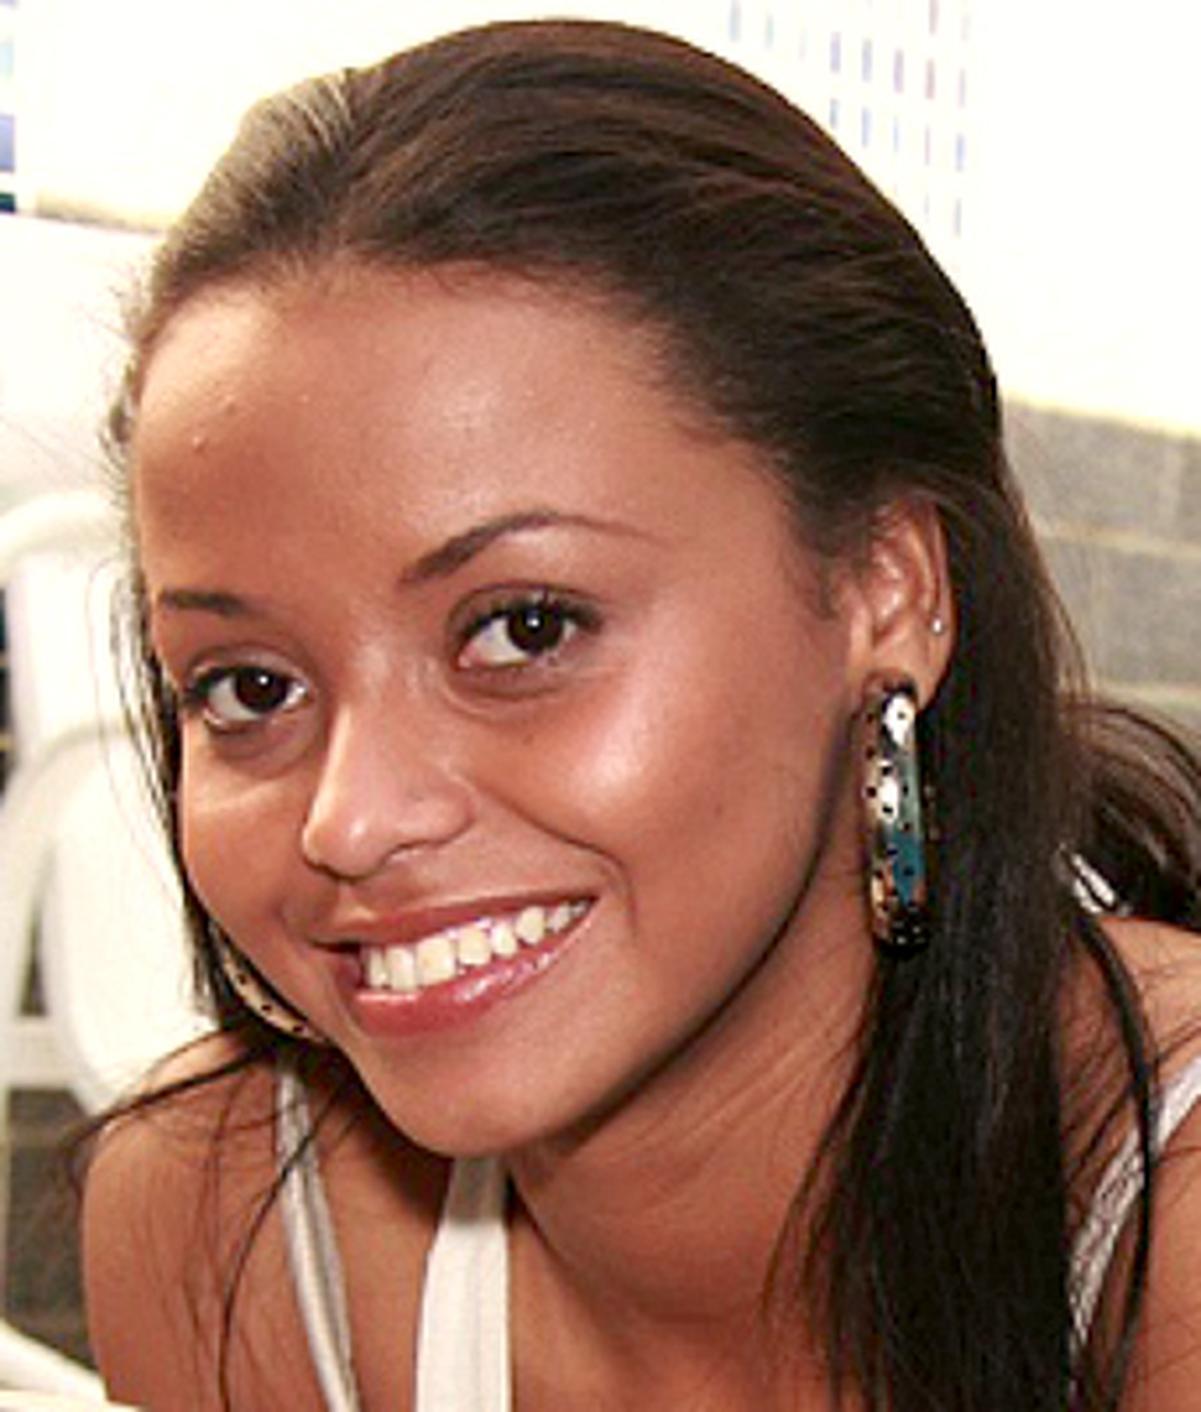 Marcellinha Moraes wiki, Marcellinha Moraes bio, Marcellinha Moraes news